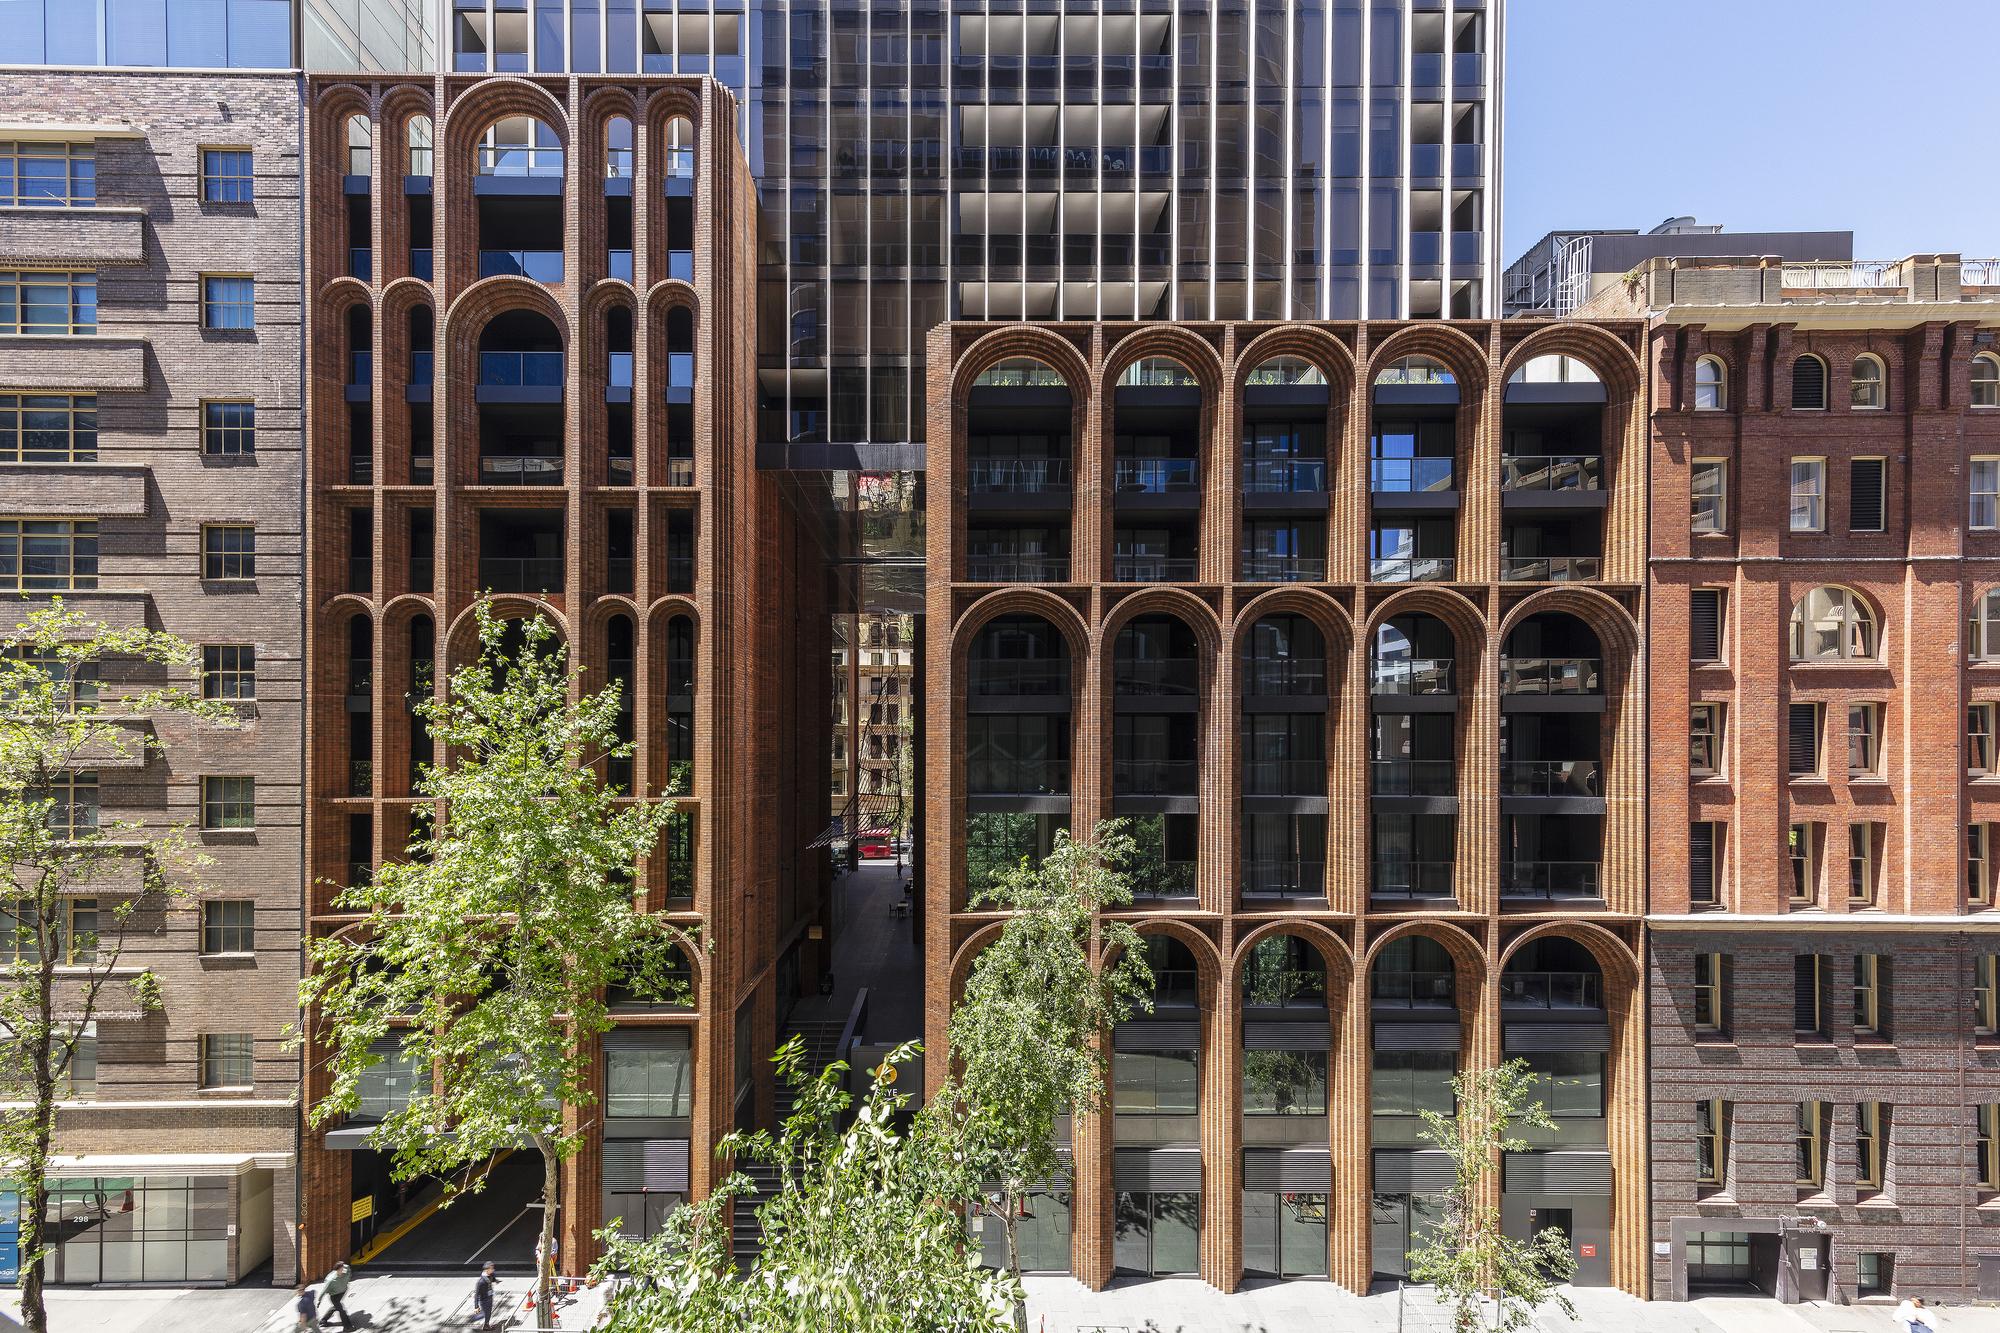 Arc Koichi Takada Architects Archdaily